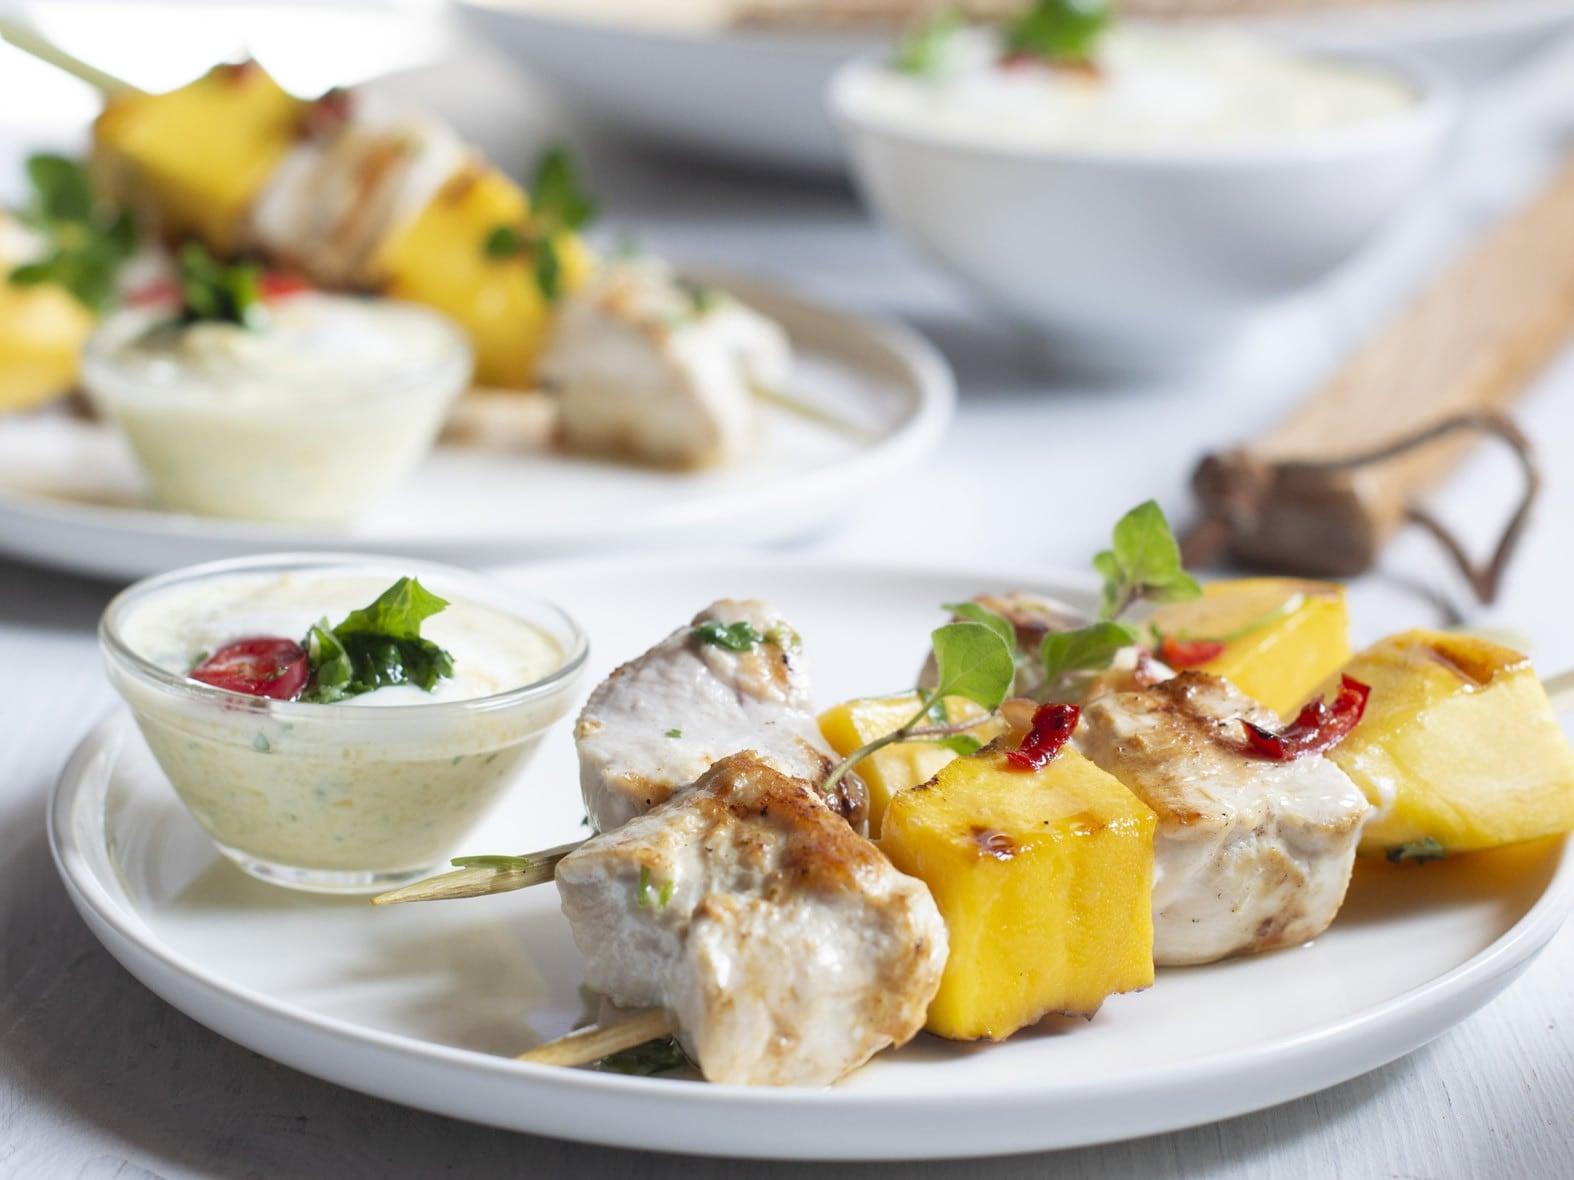 Petites brochettes de poulet thaïlandaises, mangue grillée et maquée